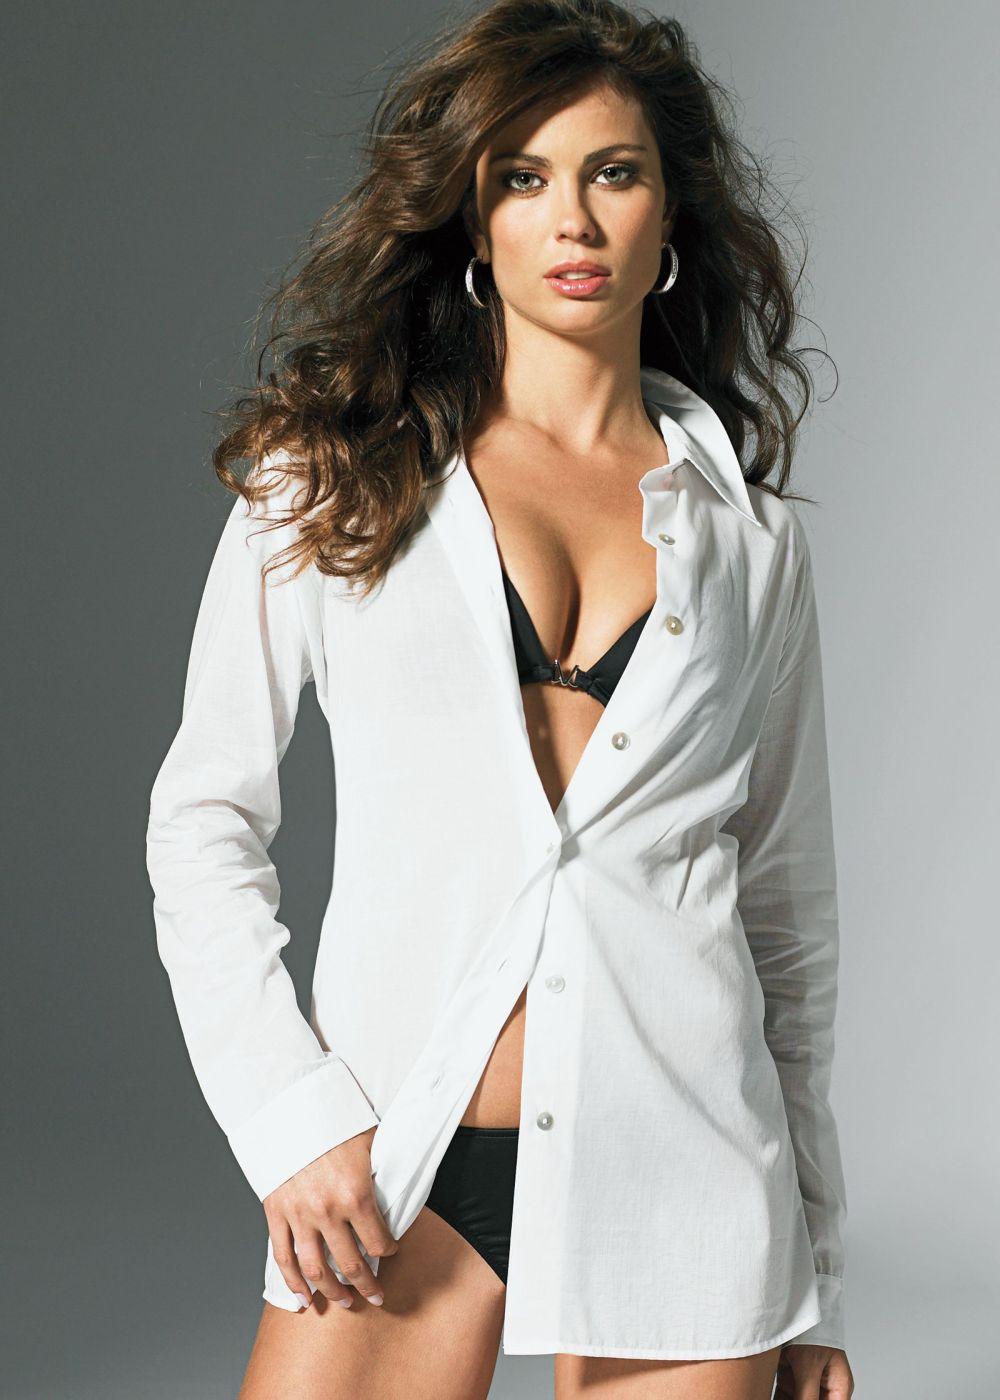 Fabiana Tambosi